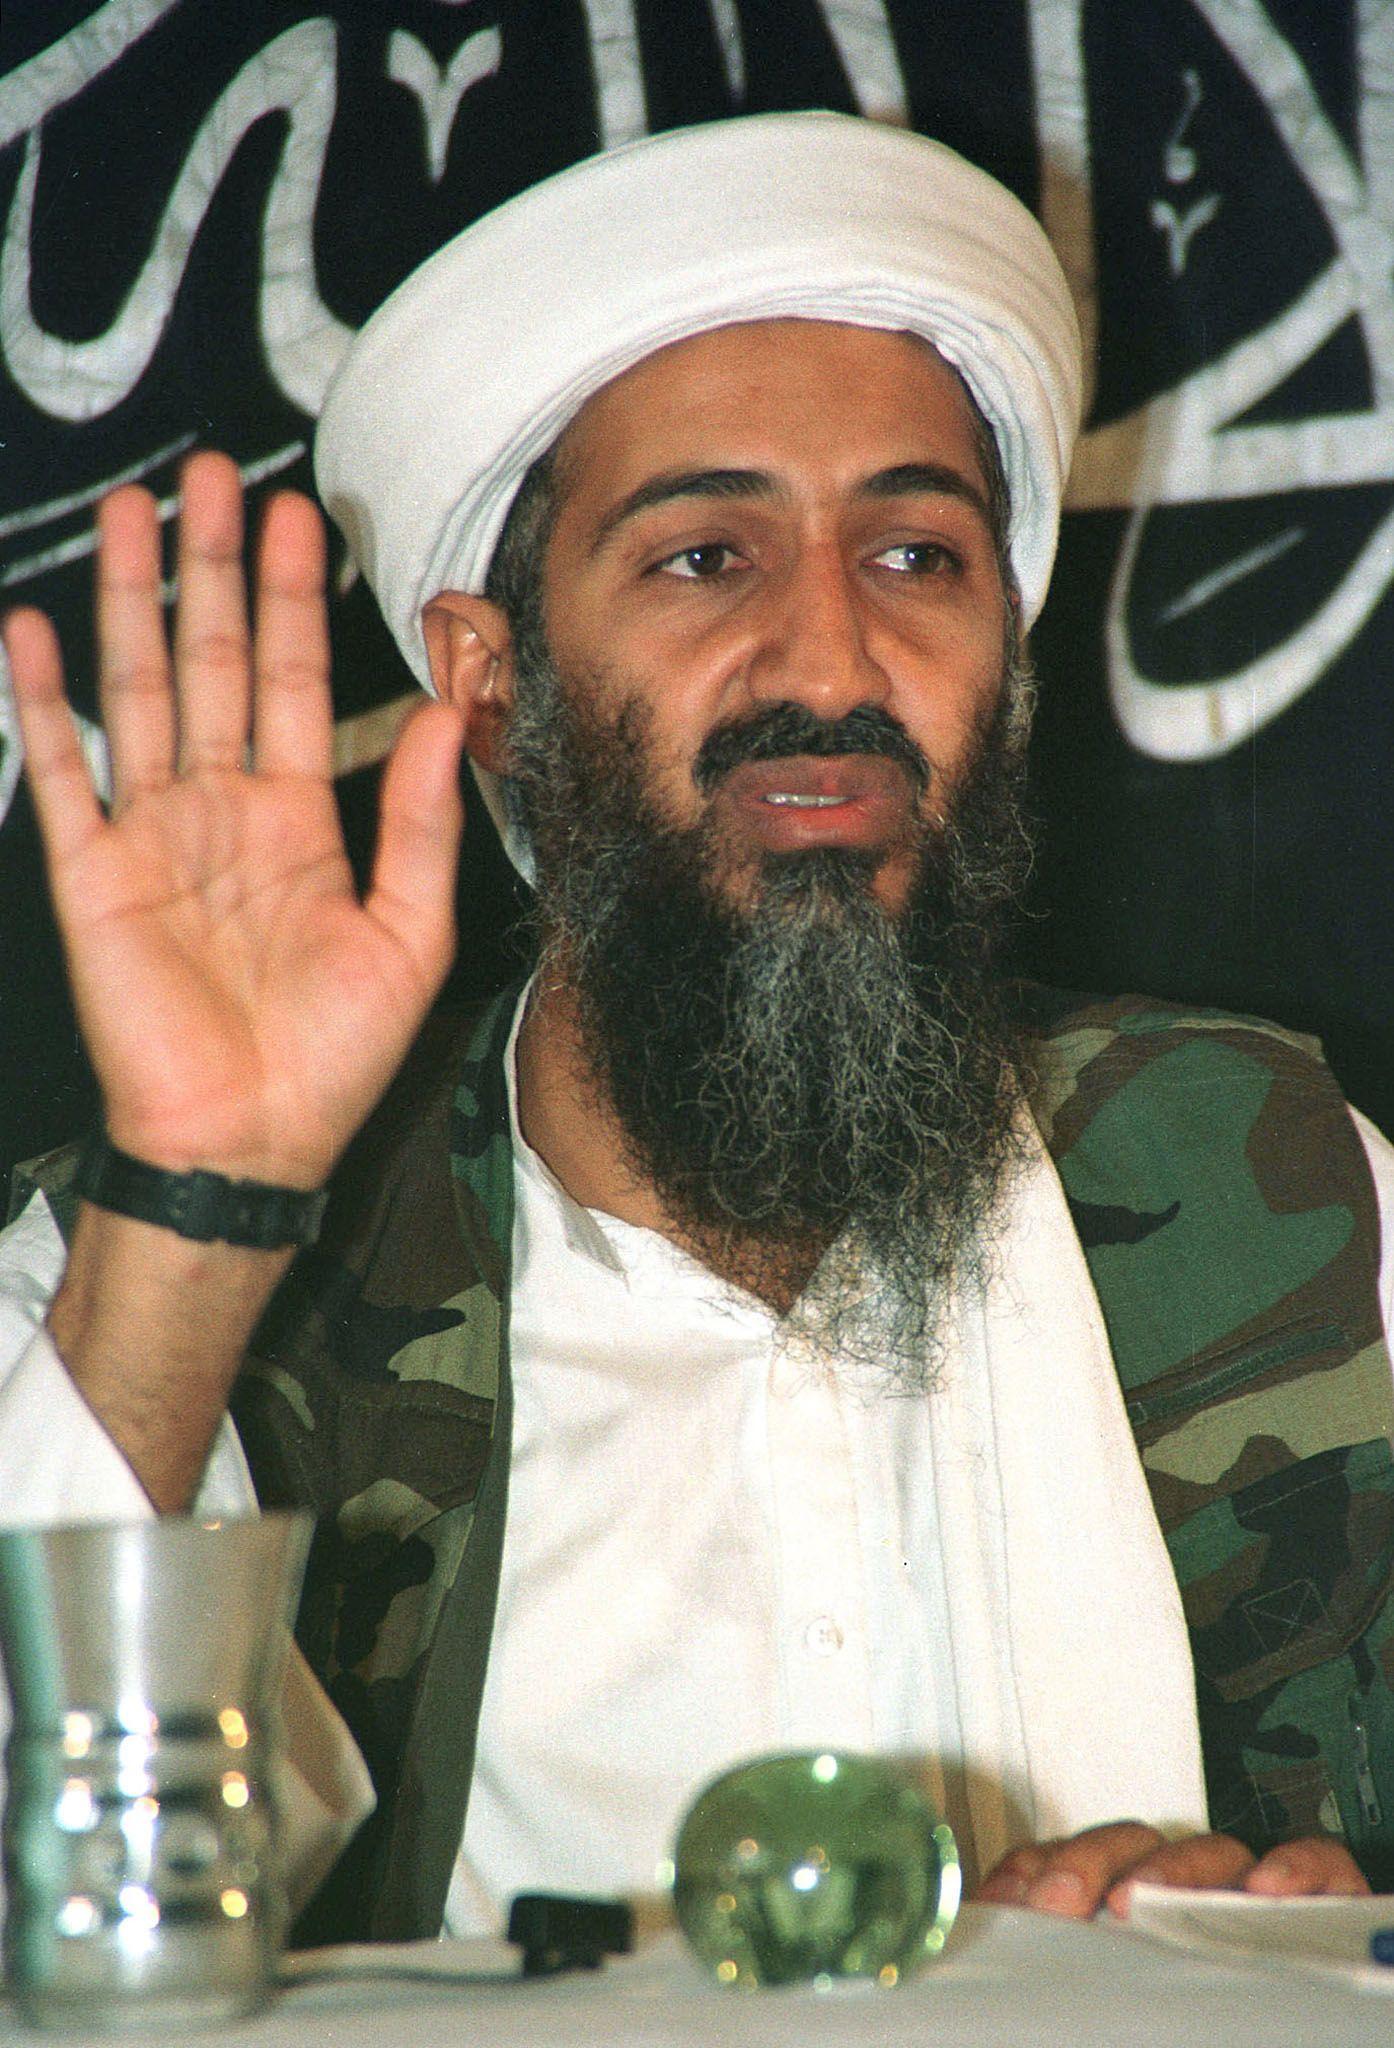 Dans plusieurs documents retrouvés dans l'ancienne cache de Ben Laden, ce dernier exprime les raisons pour lesquelles l'instauration d'un califat dans le monde est une erreur stratégique